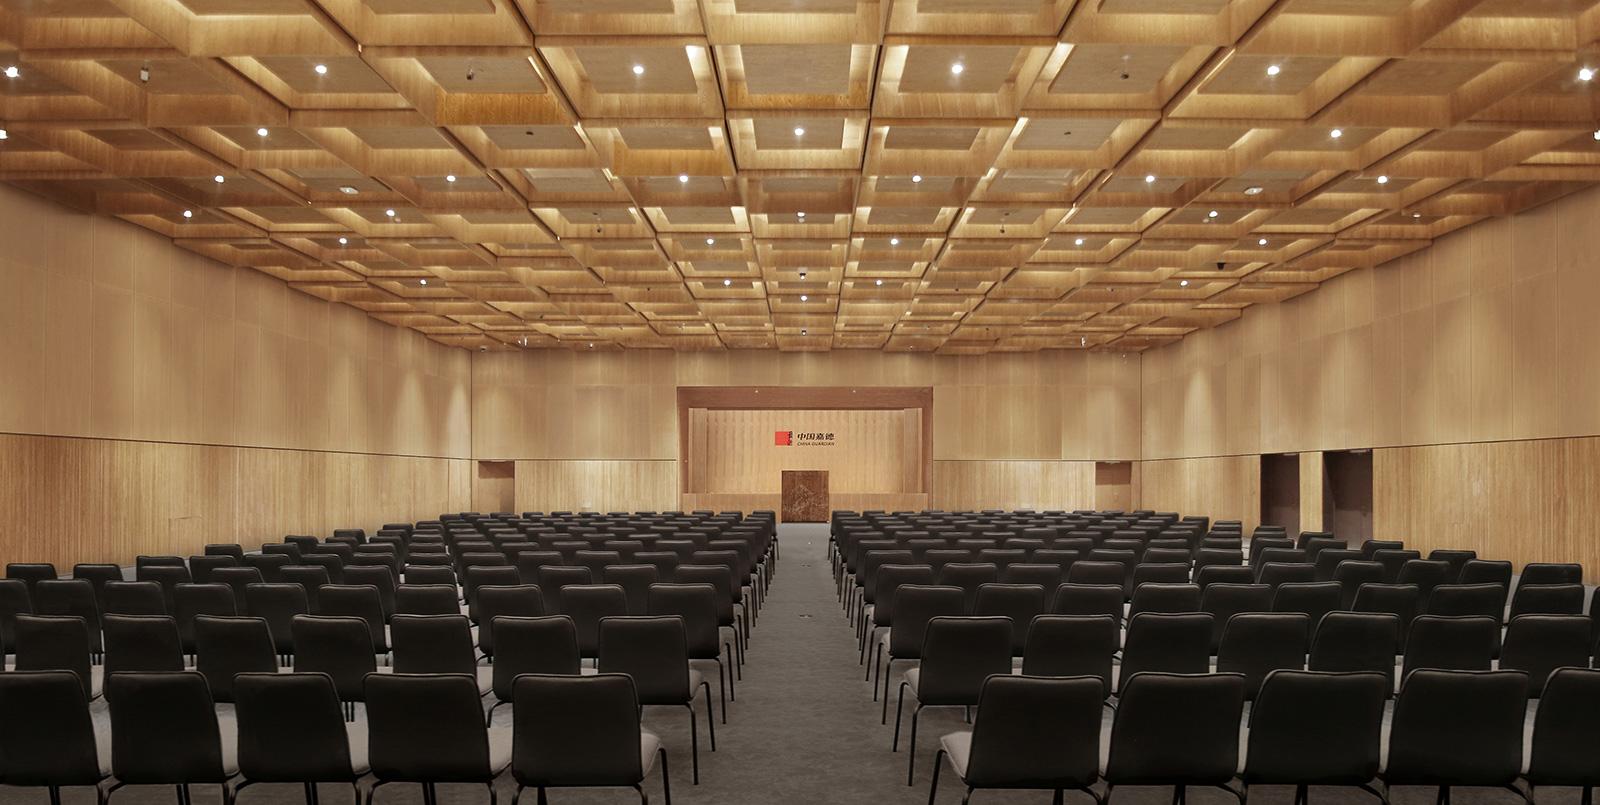 Guardian Art Center in Beijing designed by Buro Ole Scheeren